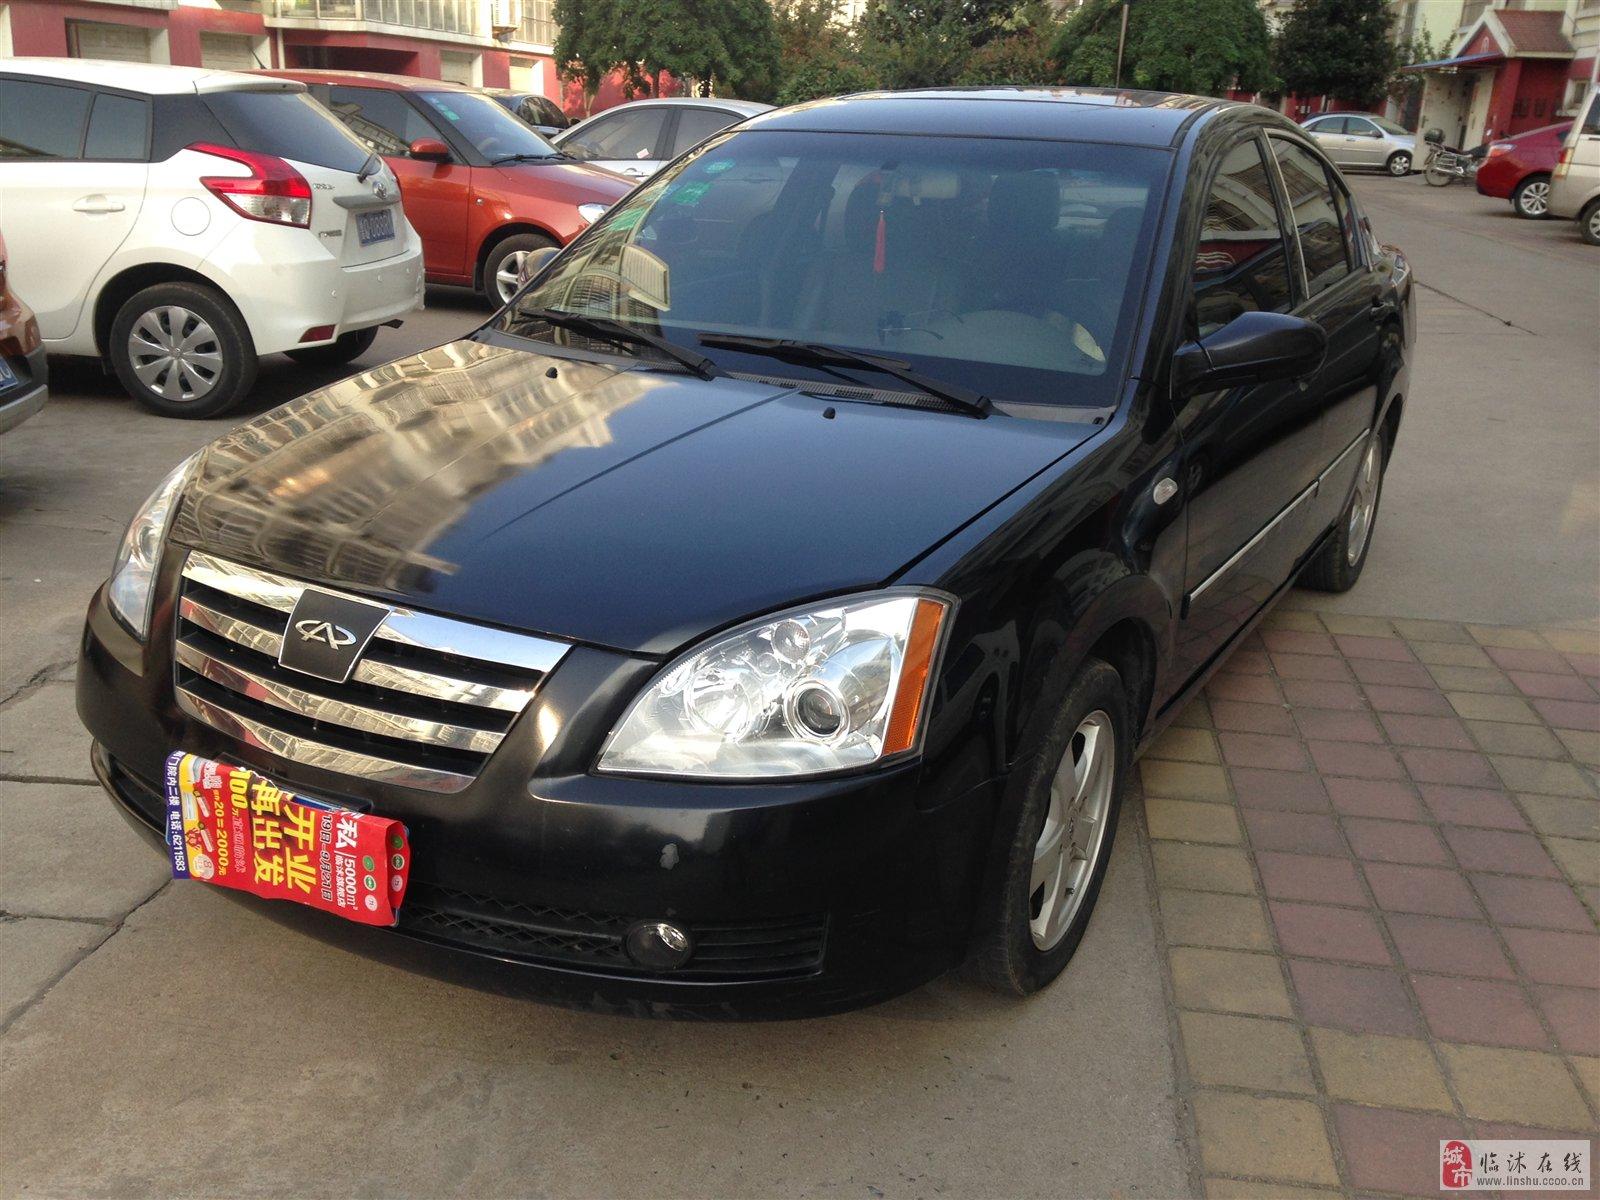 出售奇瑞a516轿车,polo新款轿车1.6排量